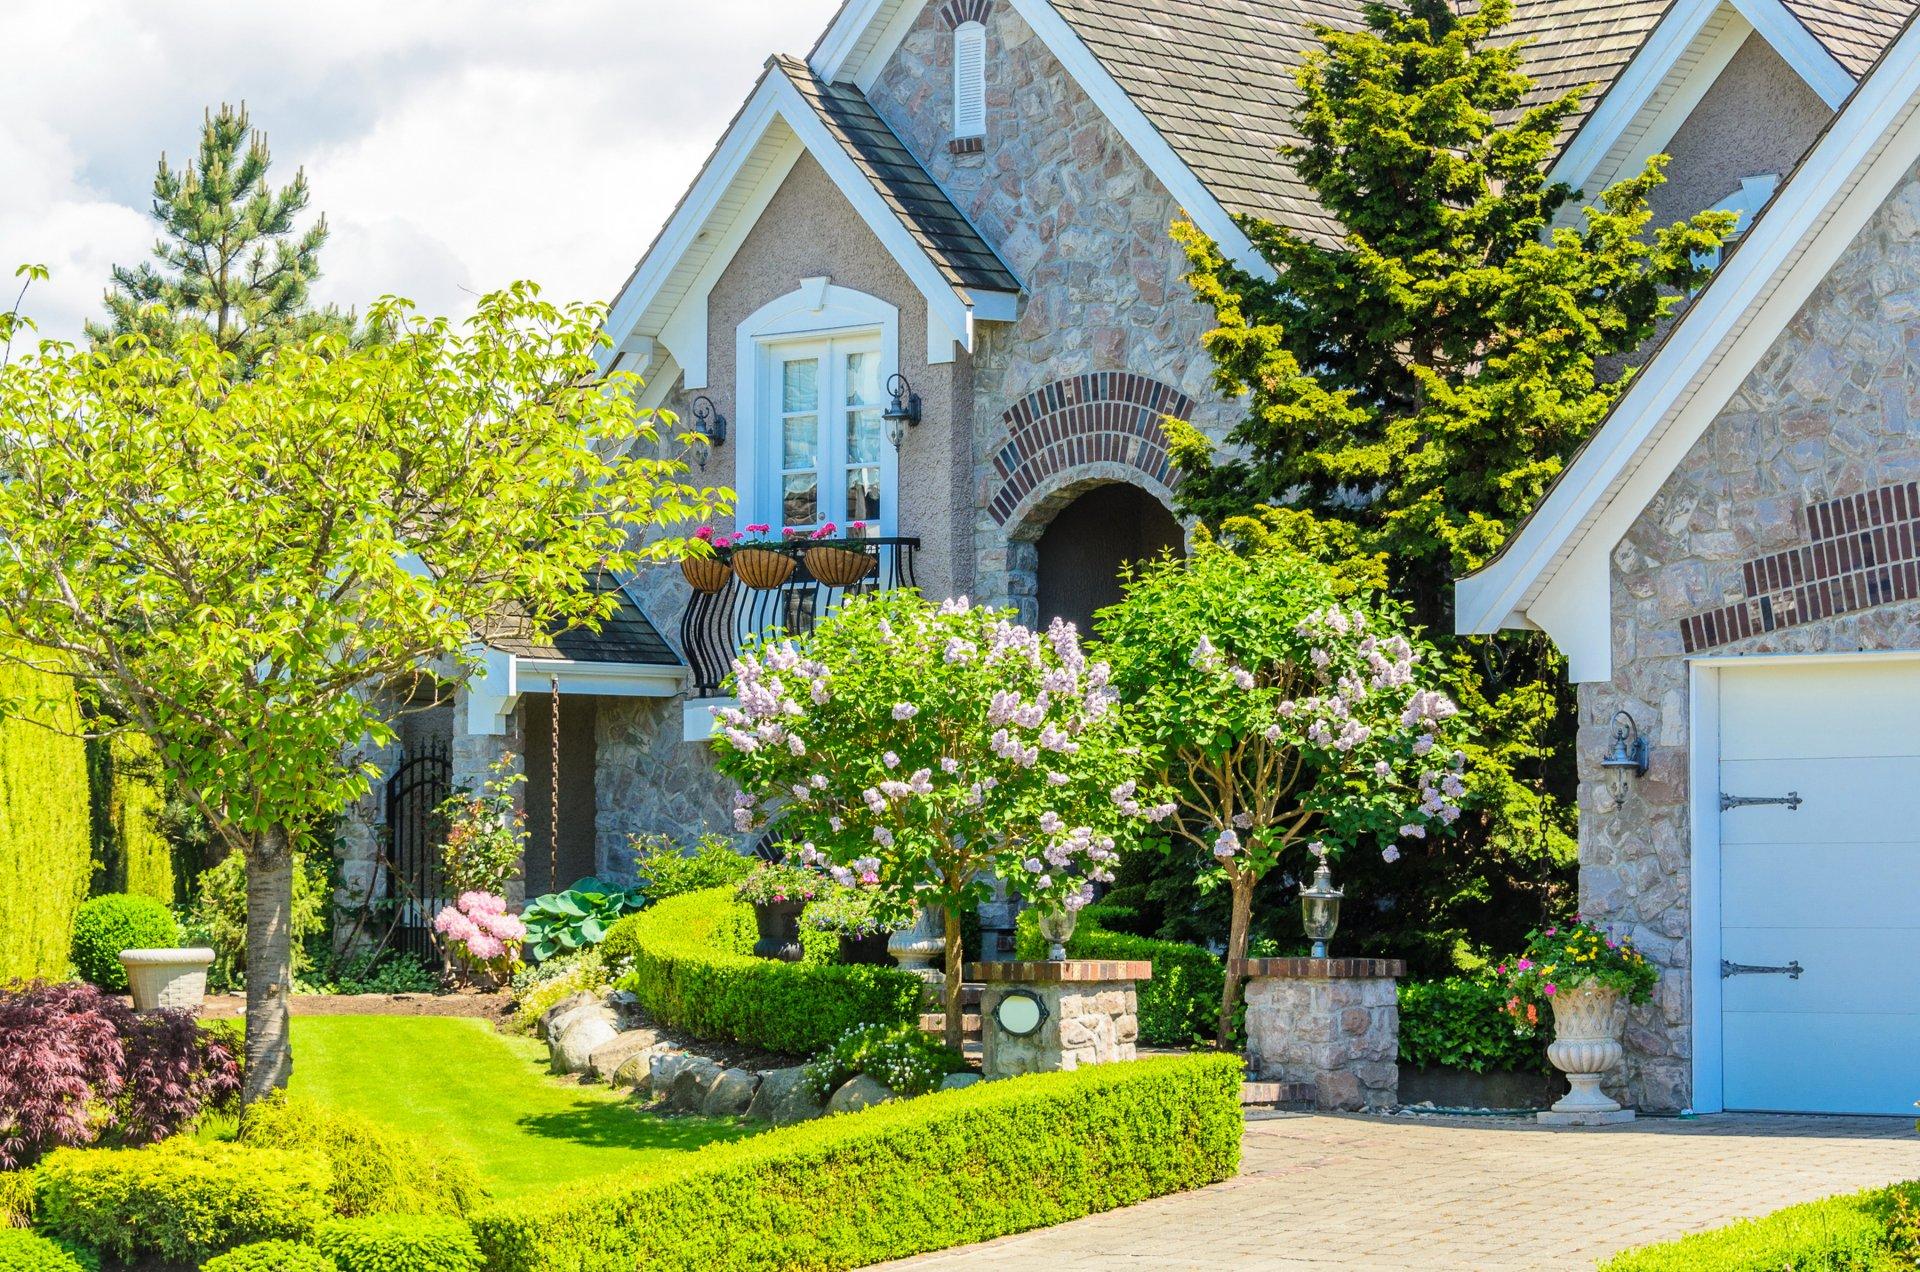 Обои кусты, особняк, дизайн, цветы, газон. Города foto 10